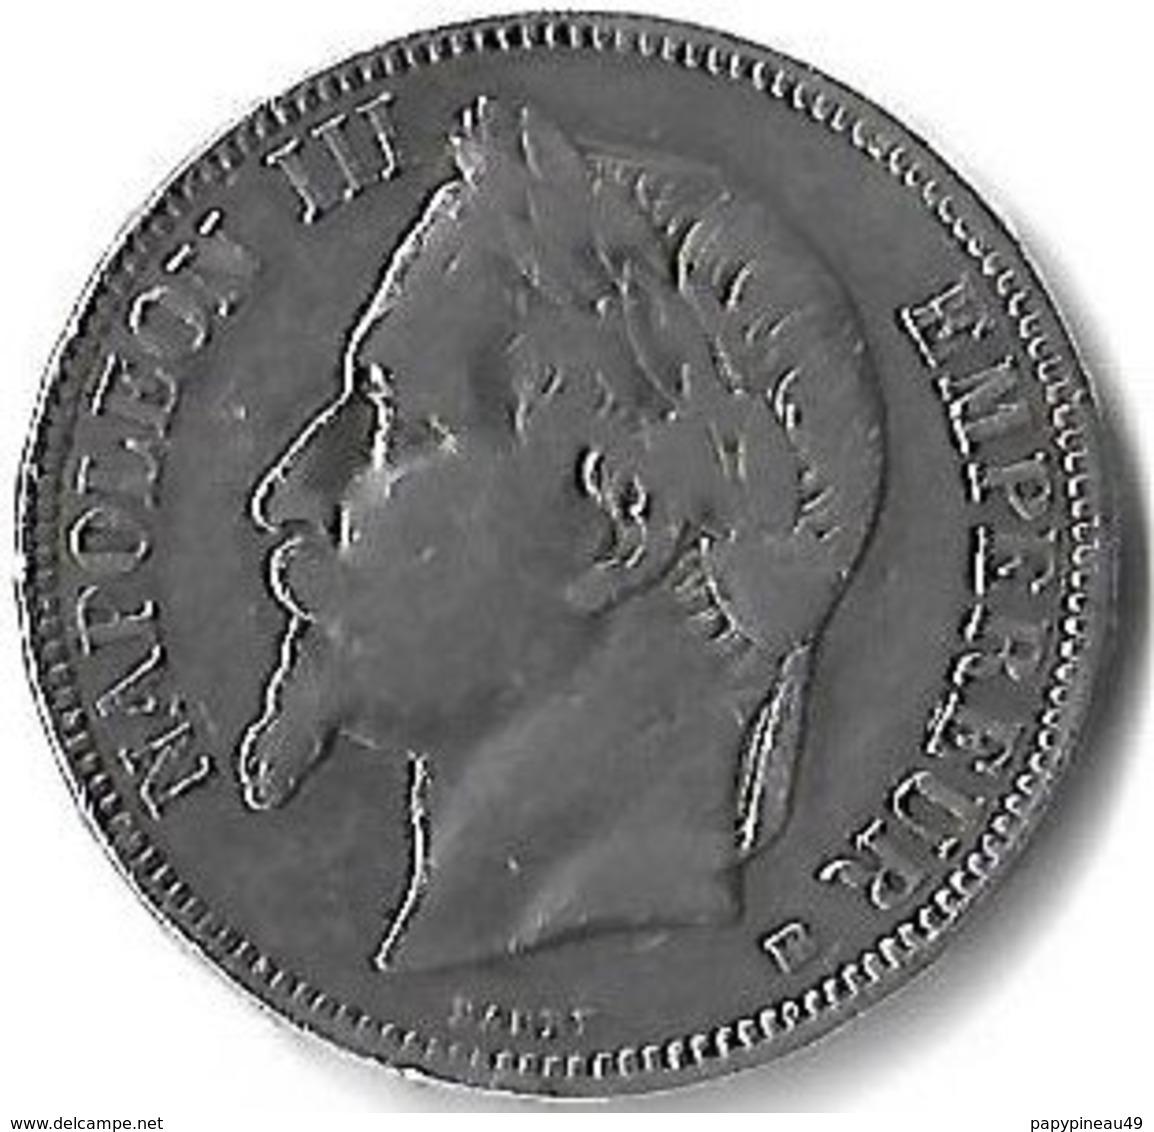 5 Francs Argent Napoleon Iii  Tete Lauree 1868 BB - France